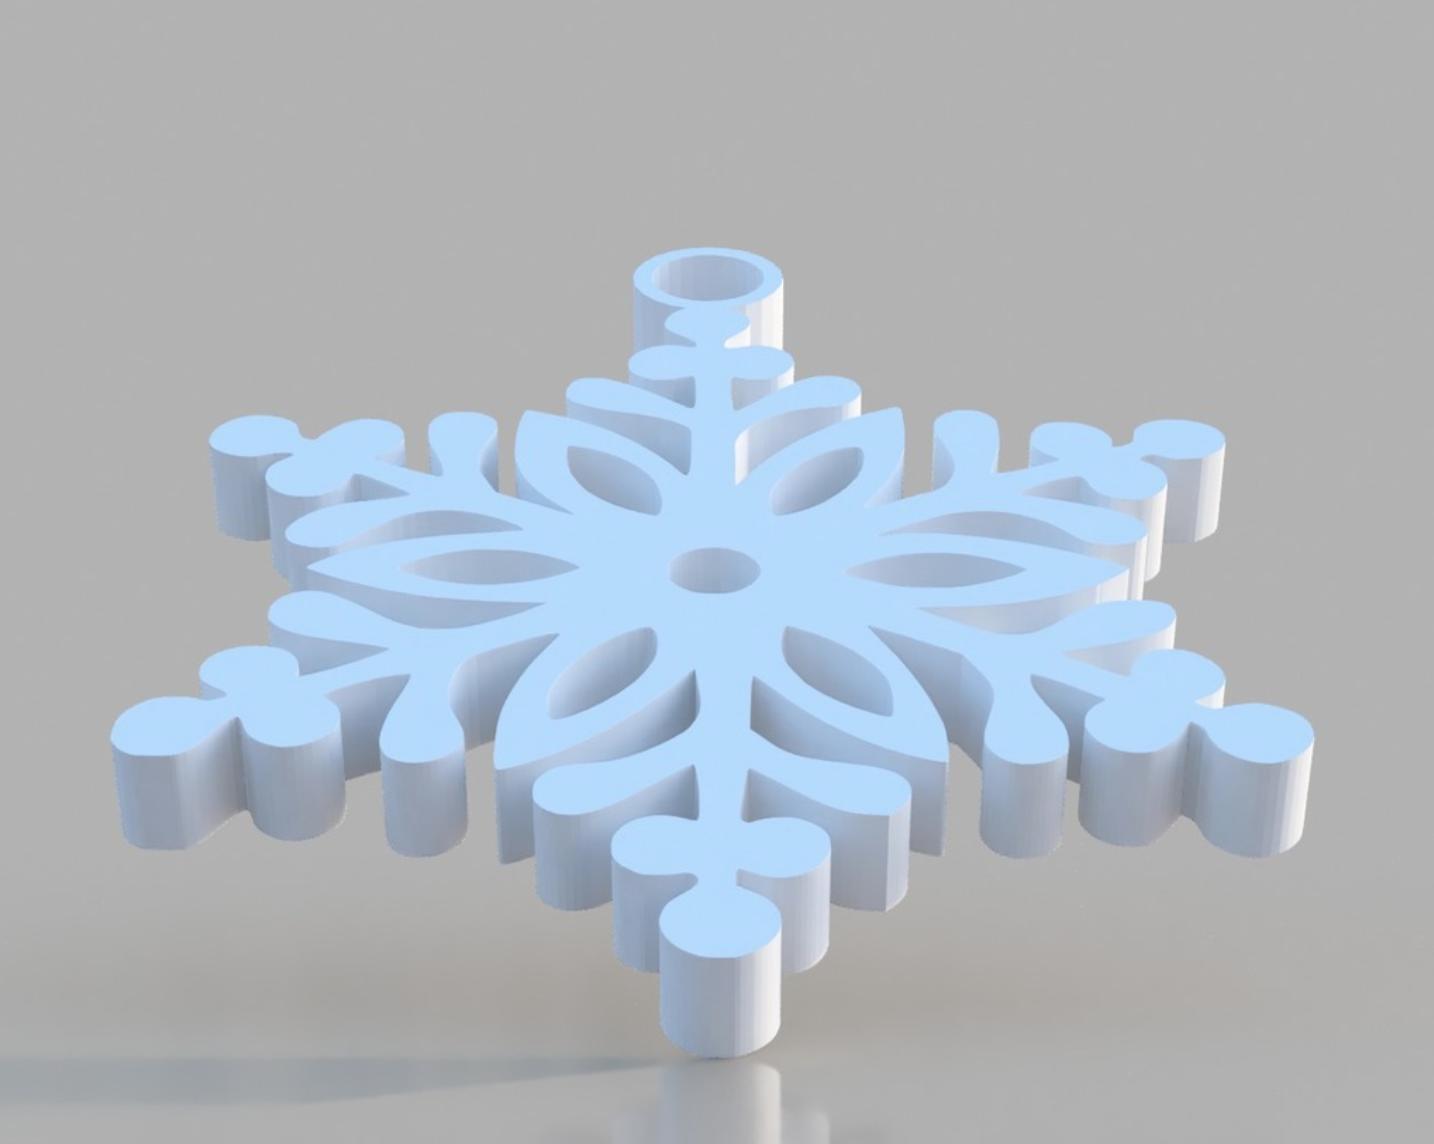 Capture d'écran 2017-12-19 à 16.53.00.png Download STL file Snowflake Ornament • 3D printer design, 3DPrintingGurus